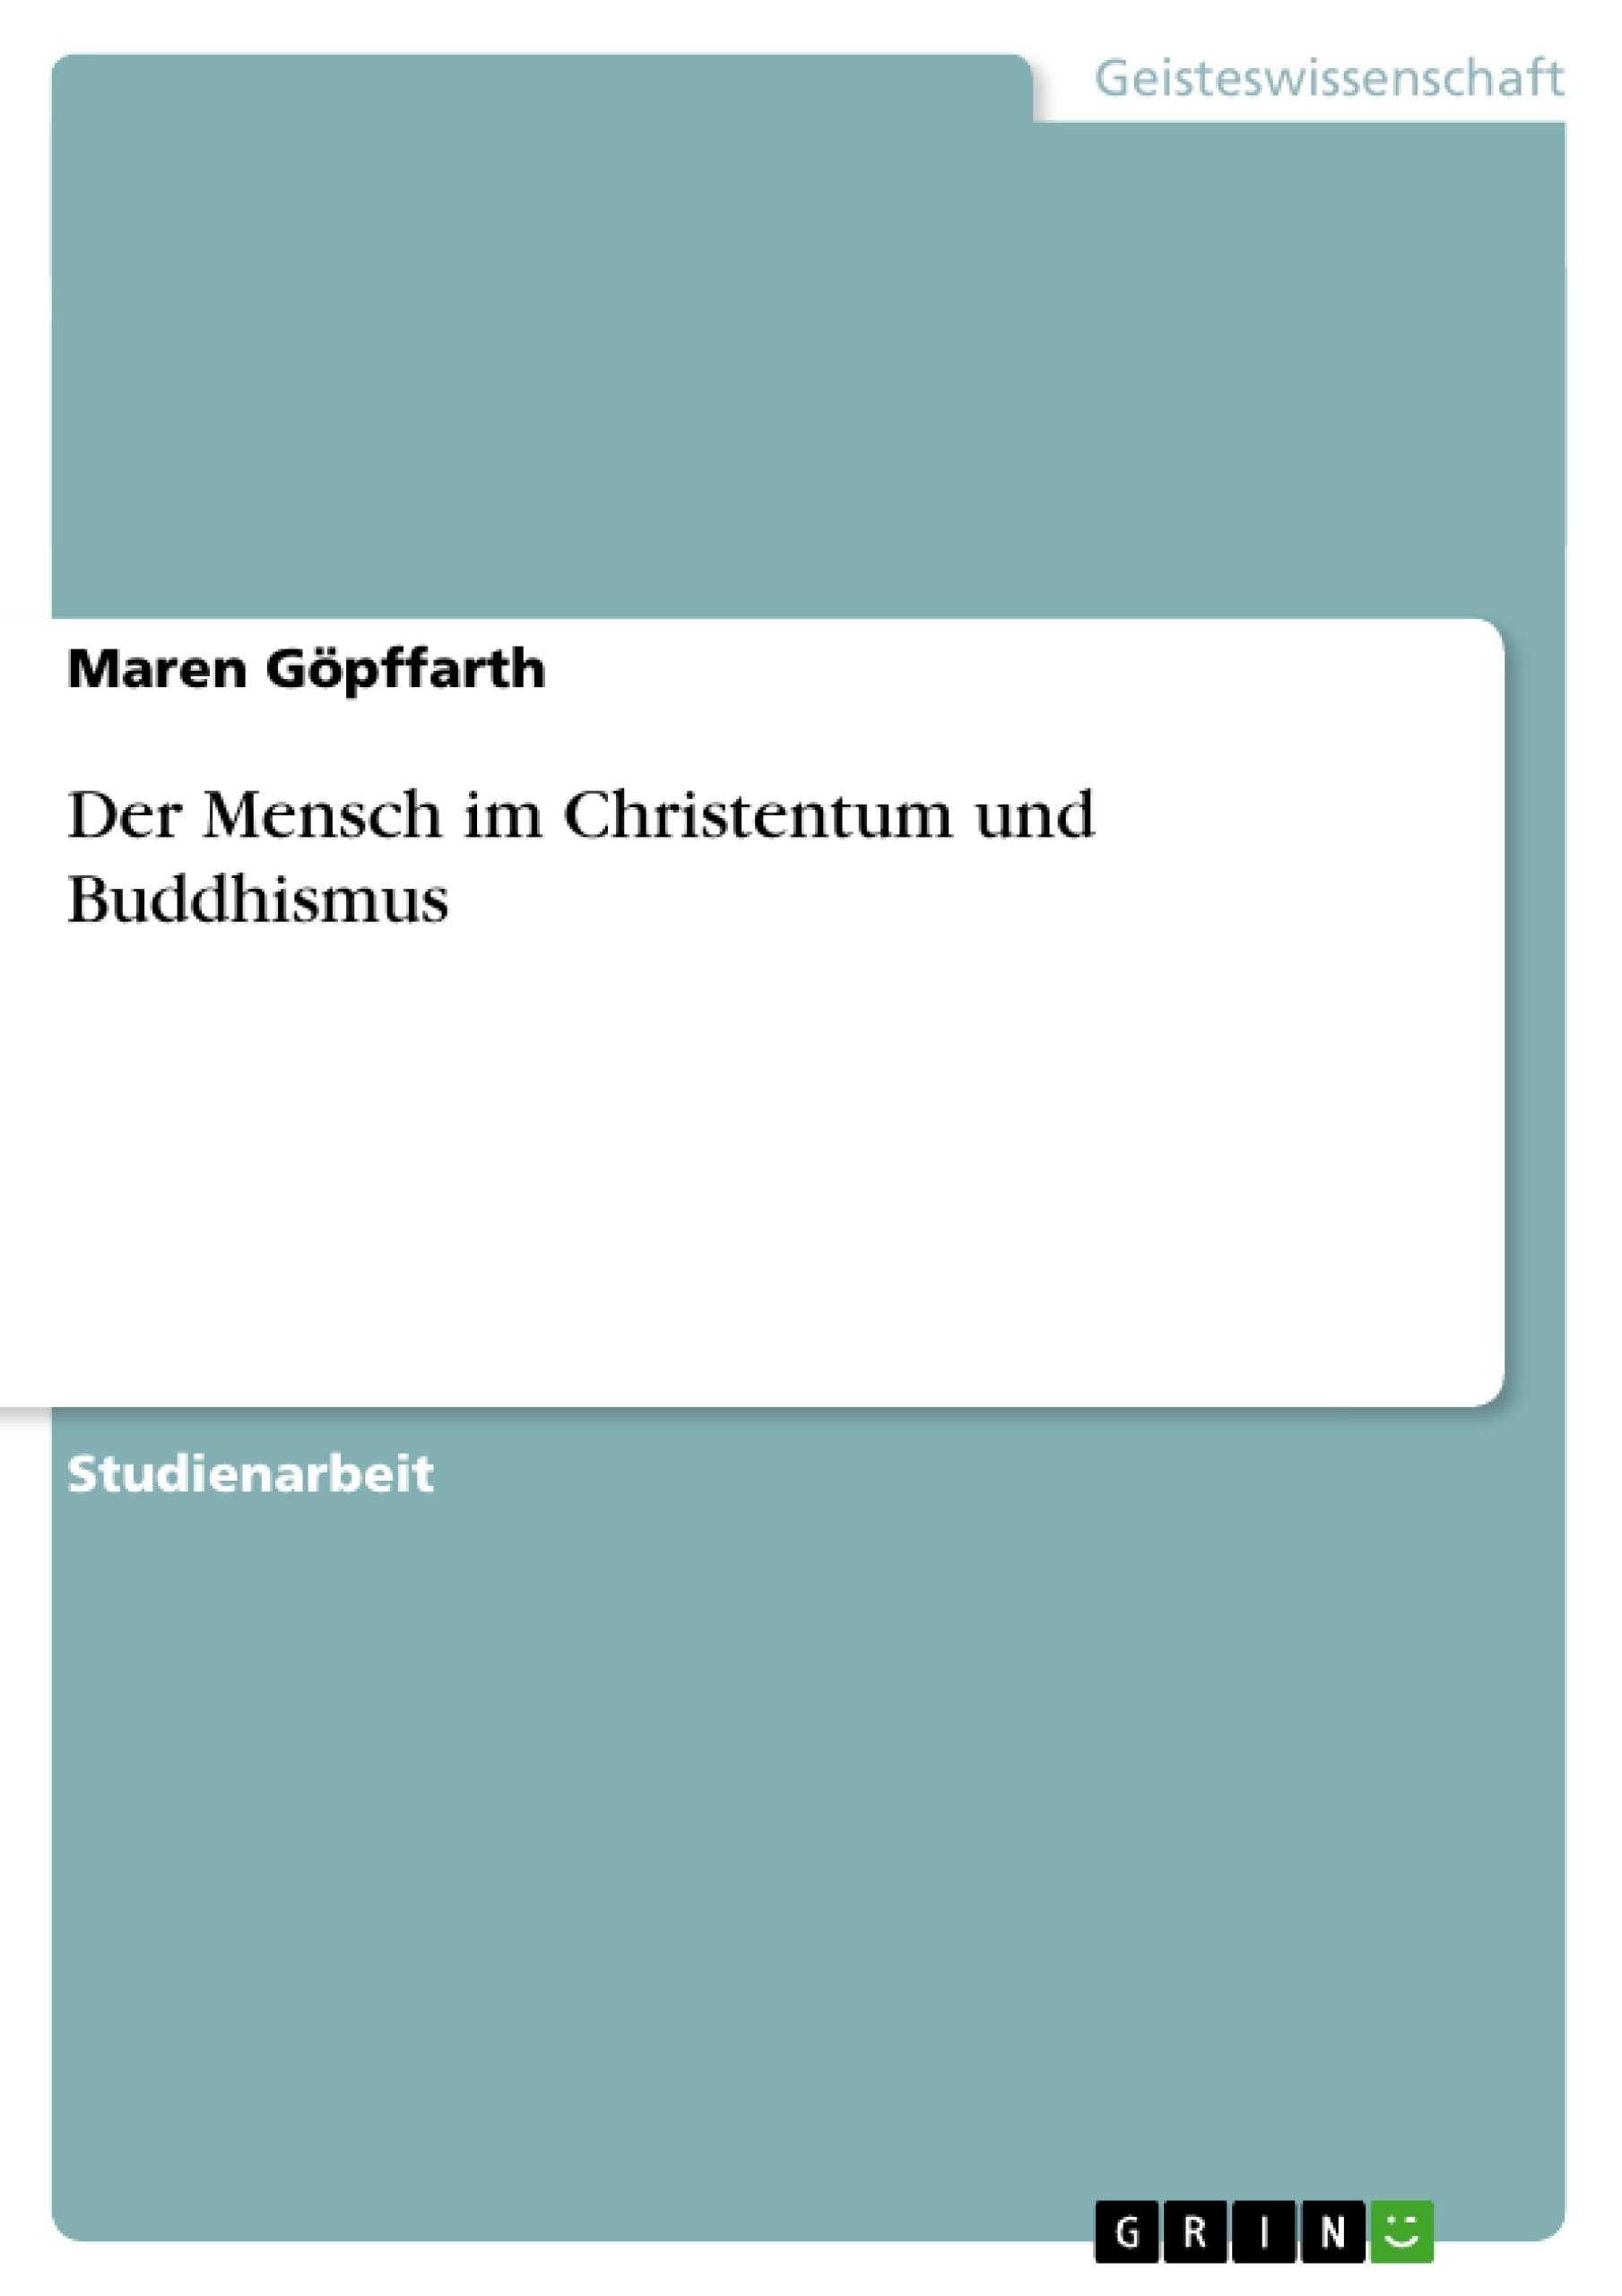 Titel: Der Mensch im Christentum und Buddhismus